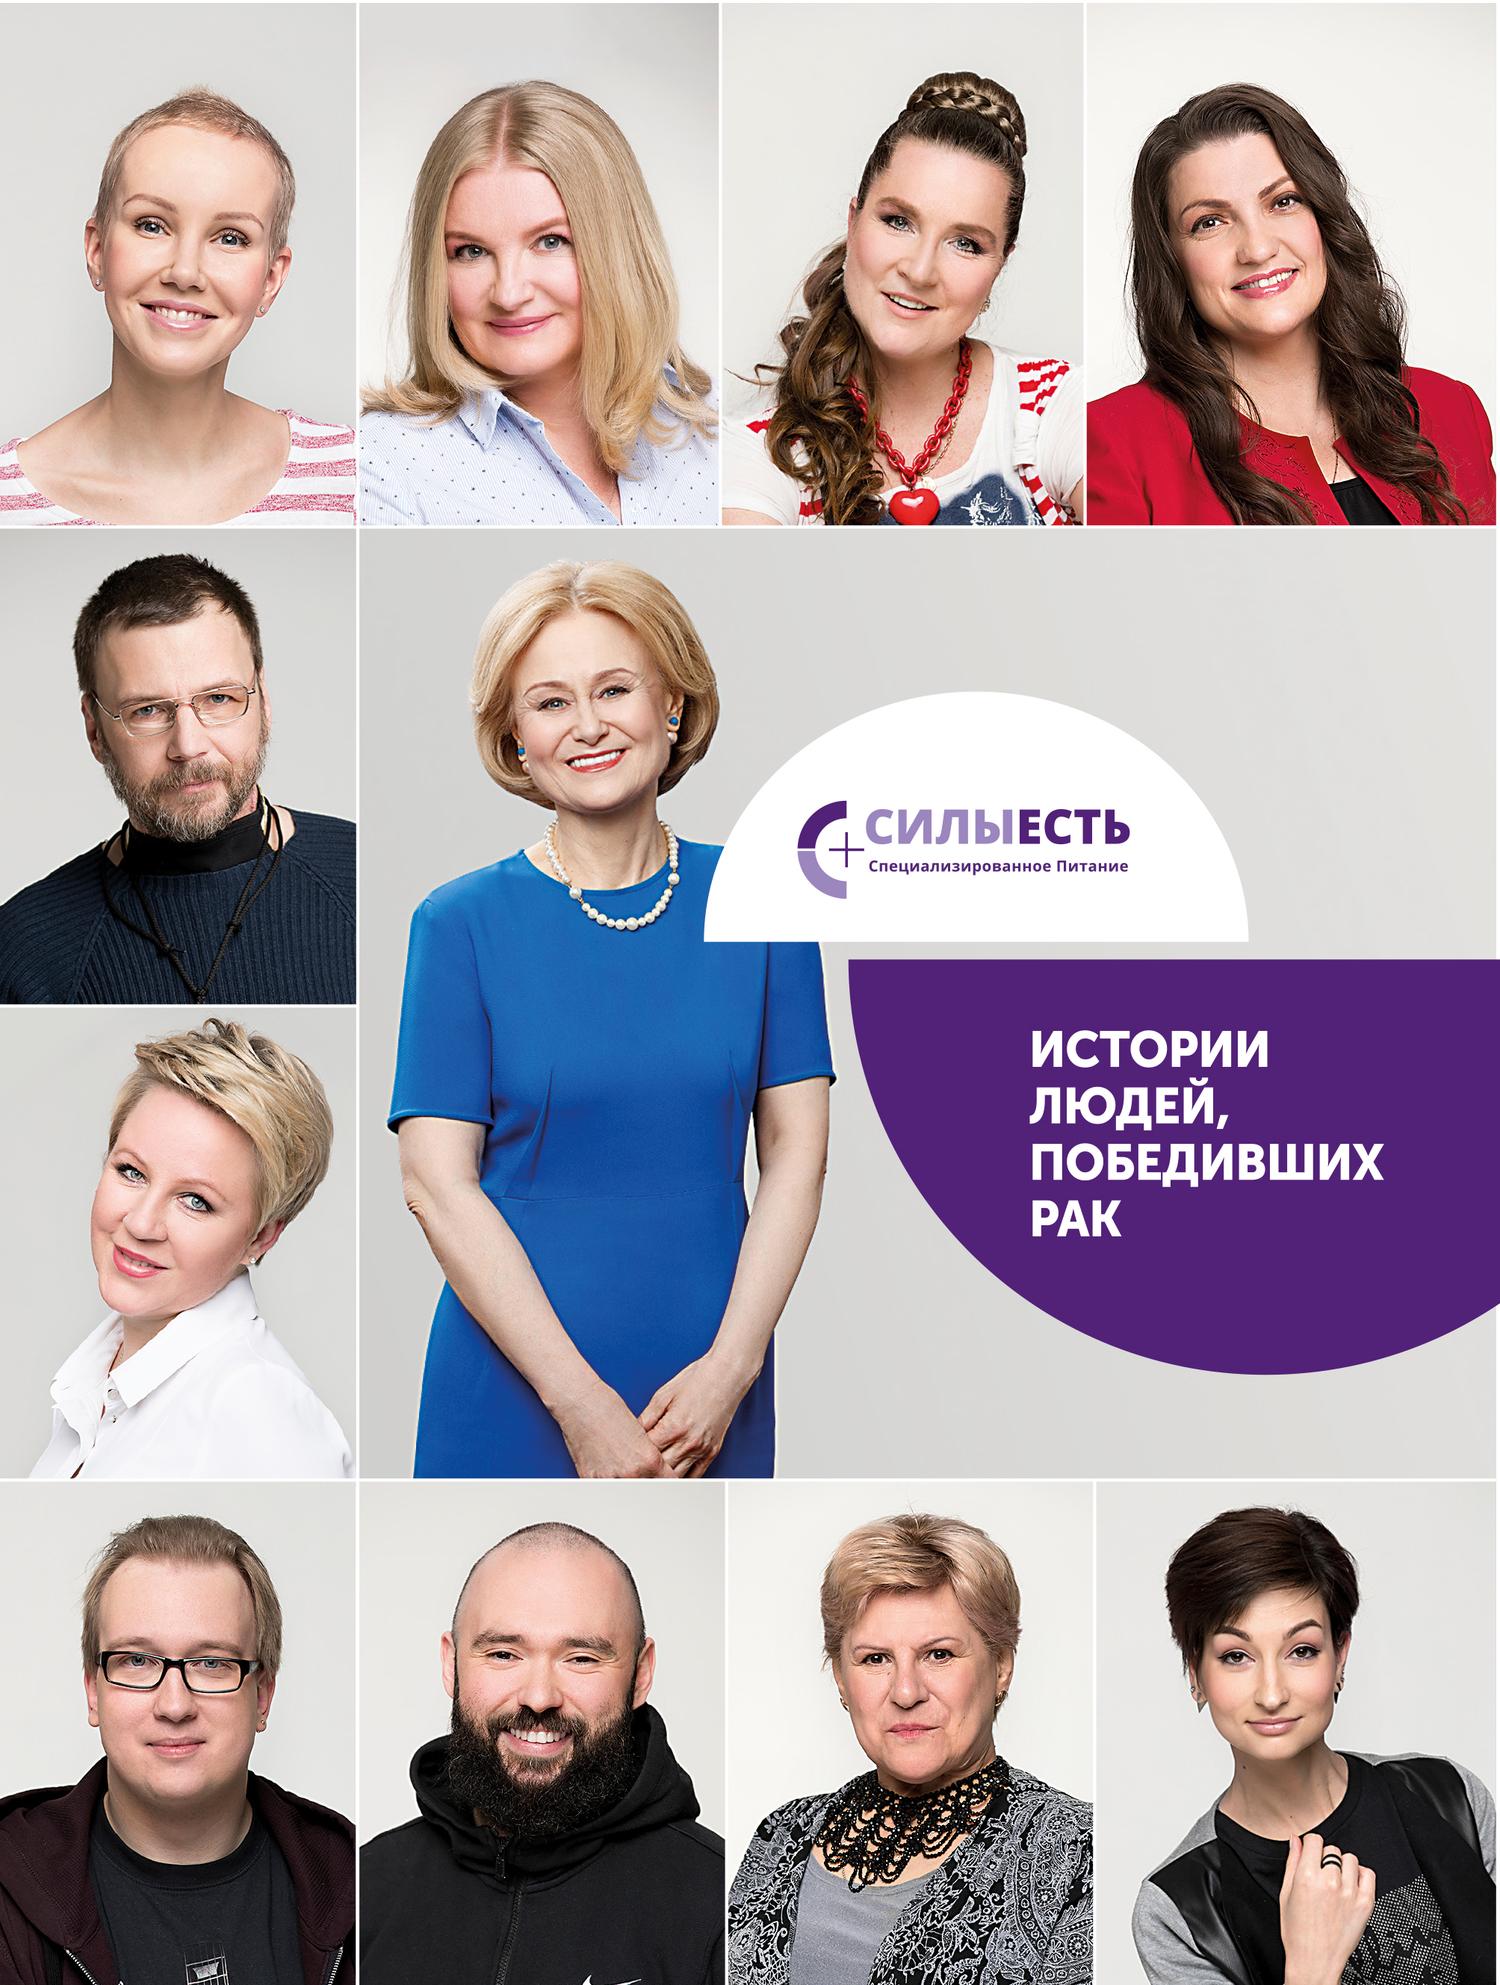 Алина Суворова Силы есть. Истории людей победивших рак bix cpr160 advanced infant cpr medical training manikin